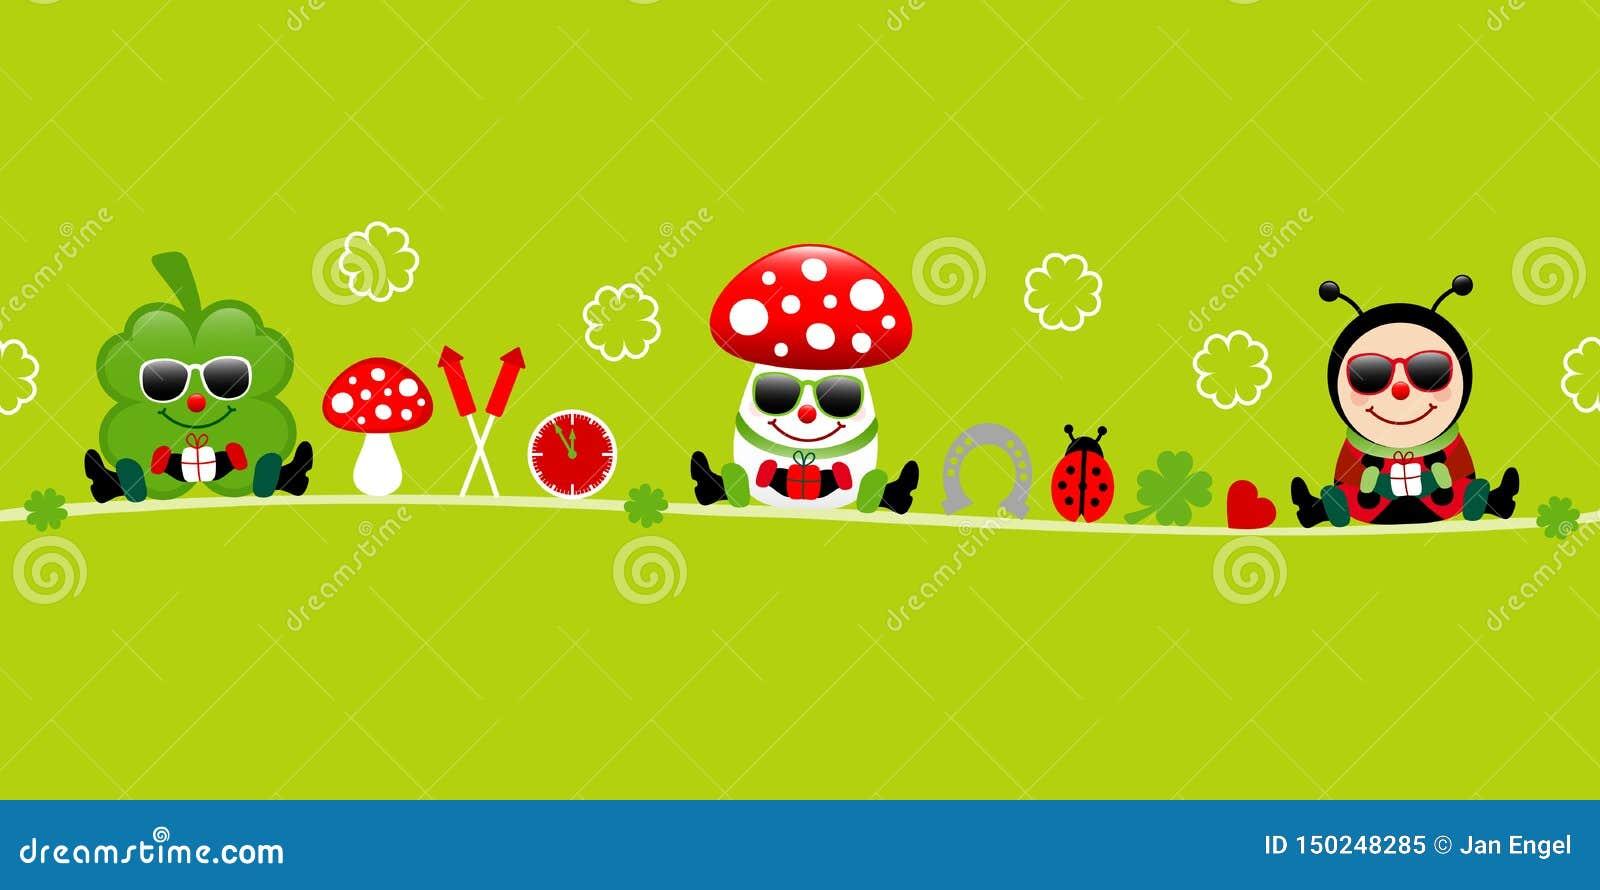 Sztandaru Cloverleaf komarnicy biedronki I bedłki okularów przeciwsłonecznych ikon zieleń